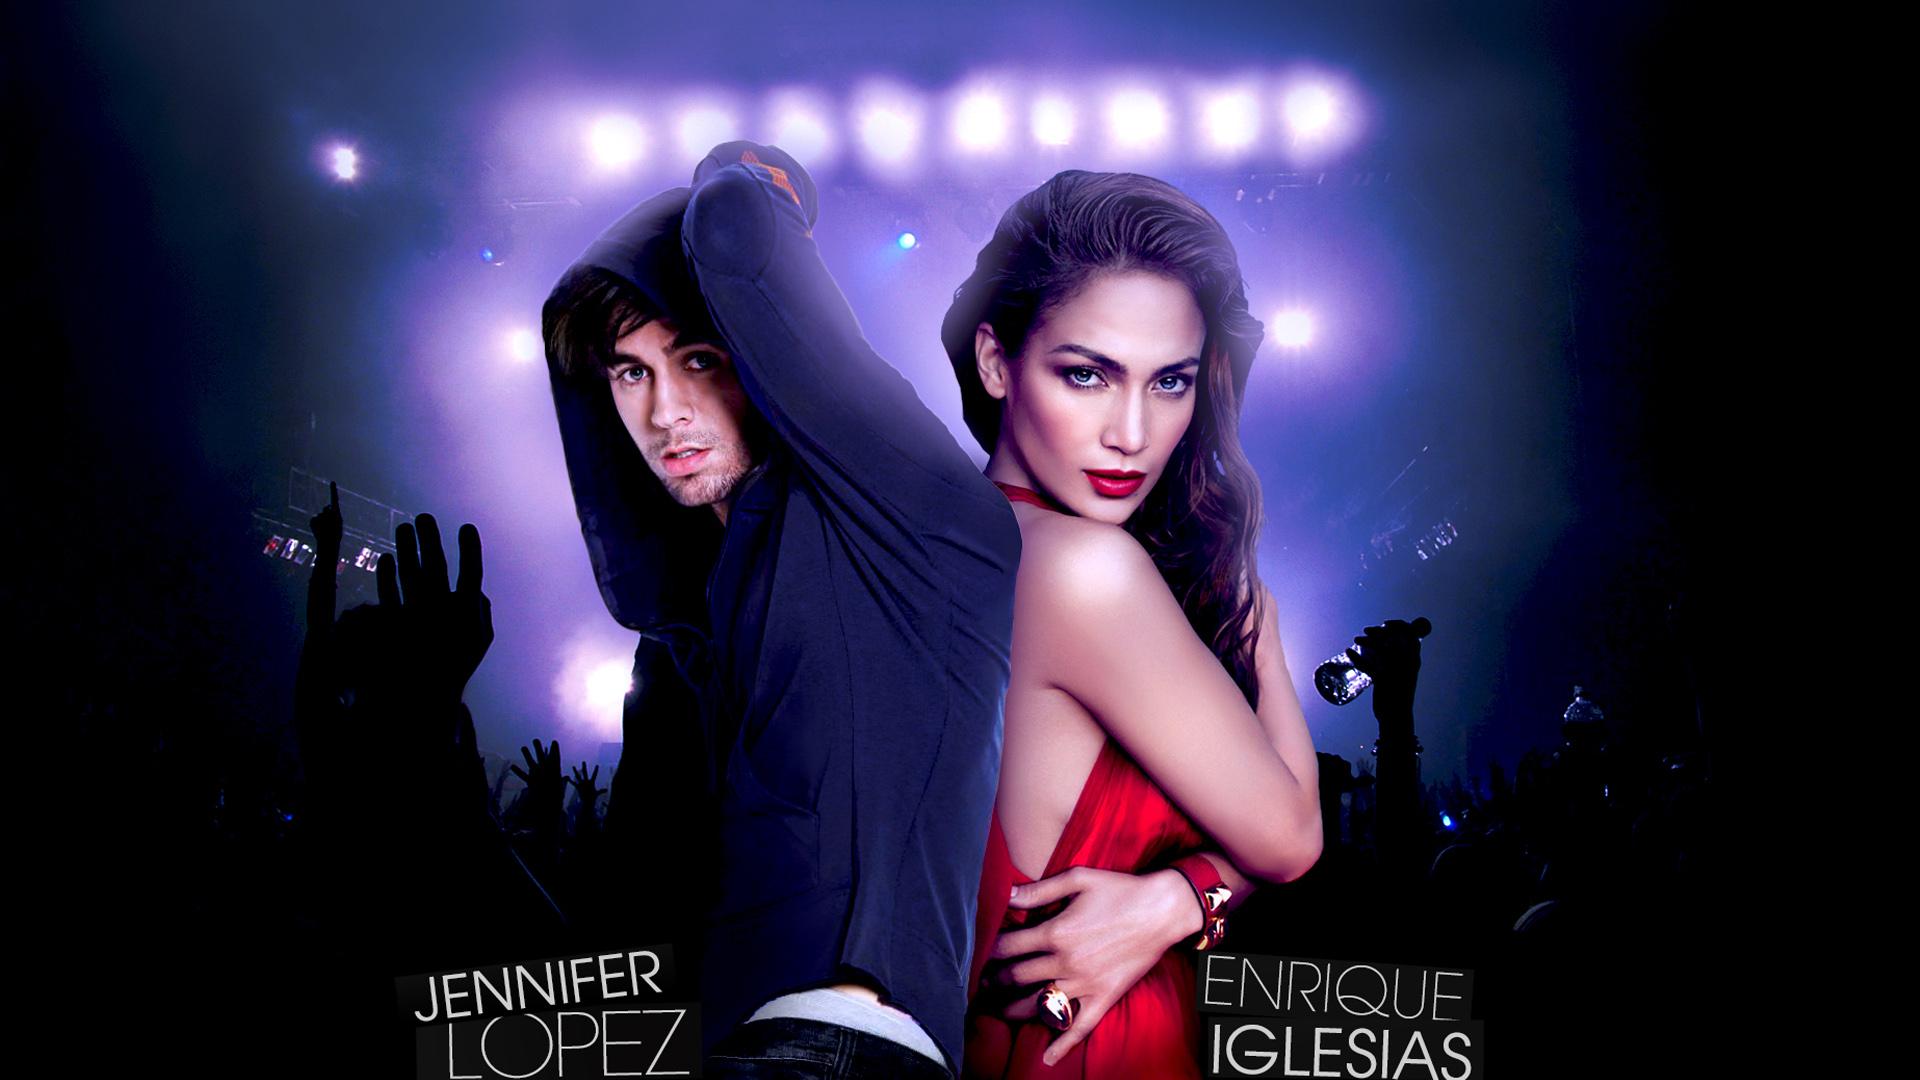 Lion Live Wallpaper Iphone X Jennifer Lopez Enrique Iglesias Tour Wallpapers Hd